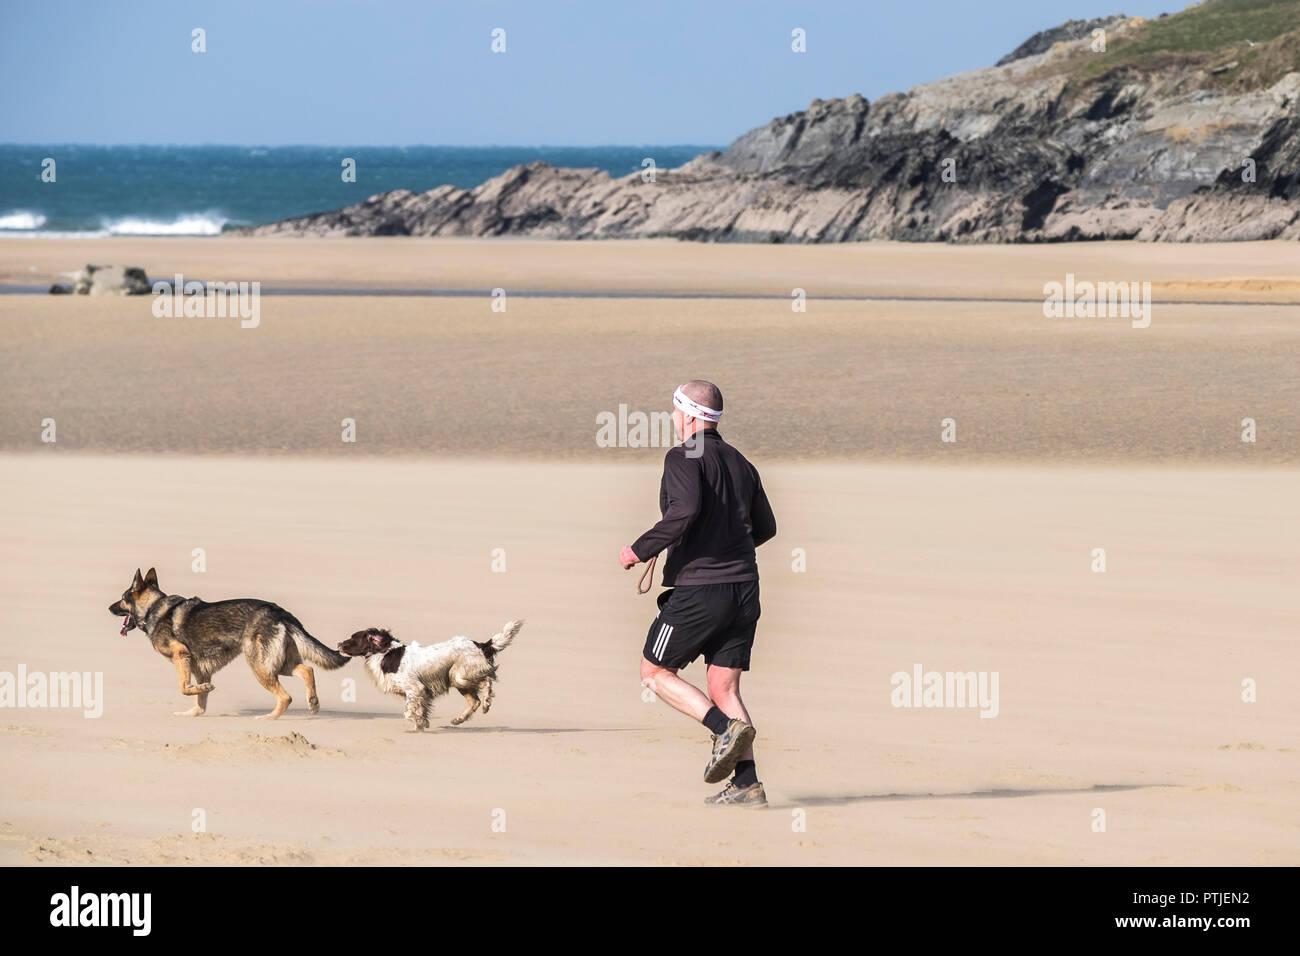 Un homme court avec ses chiens sur la plage de Crantock en Newquay en Cornouailles. Banque D'Images